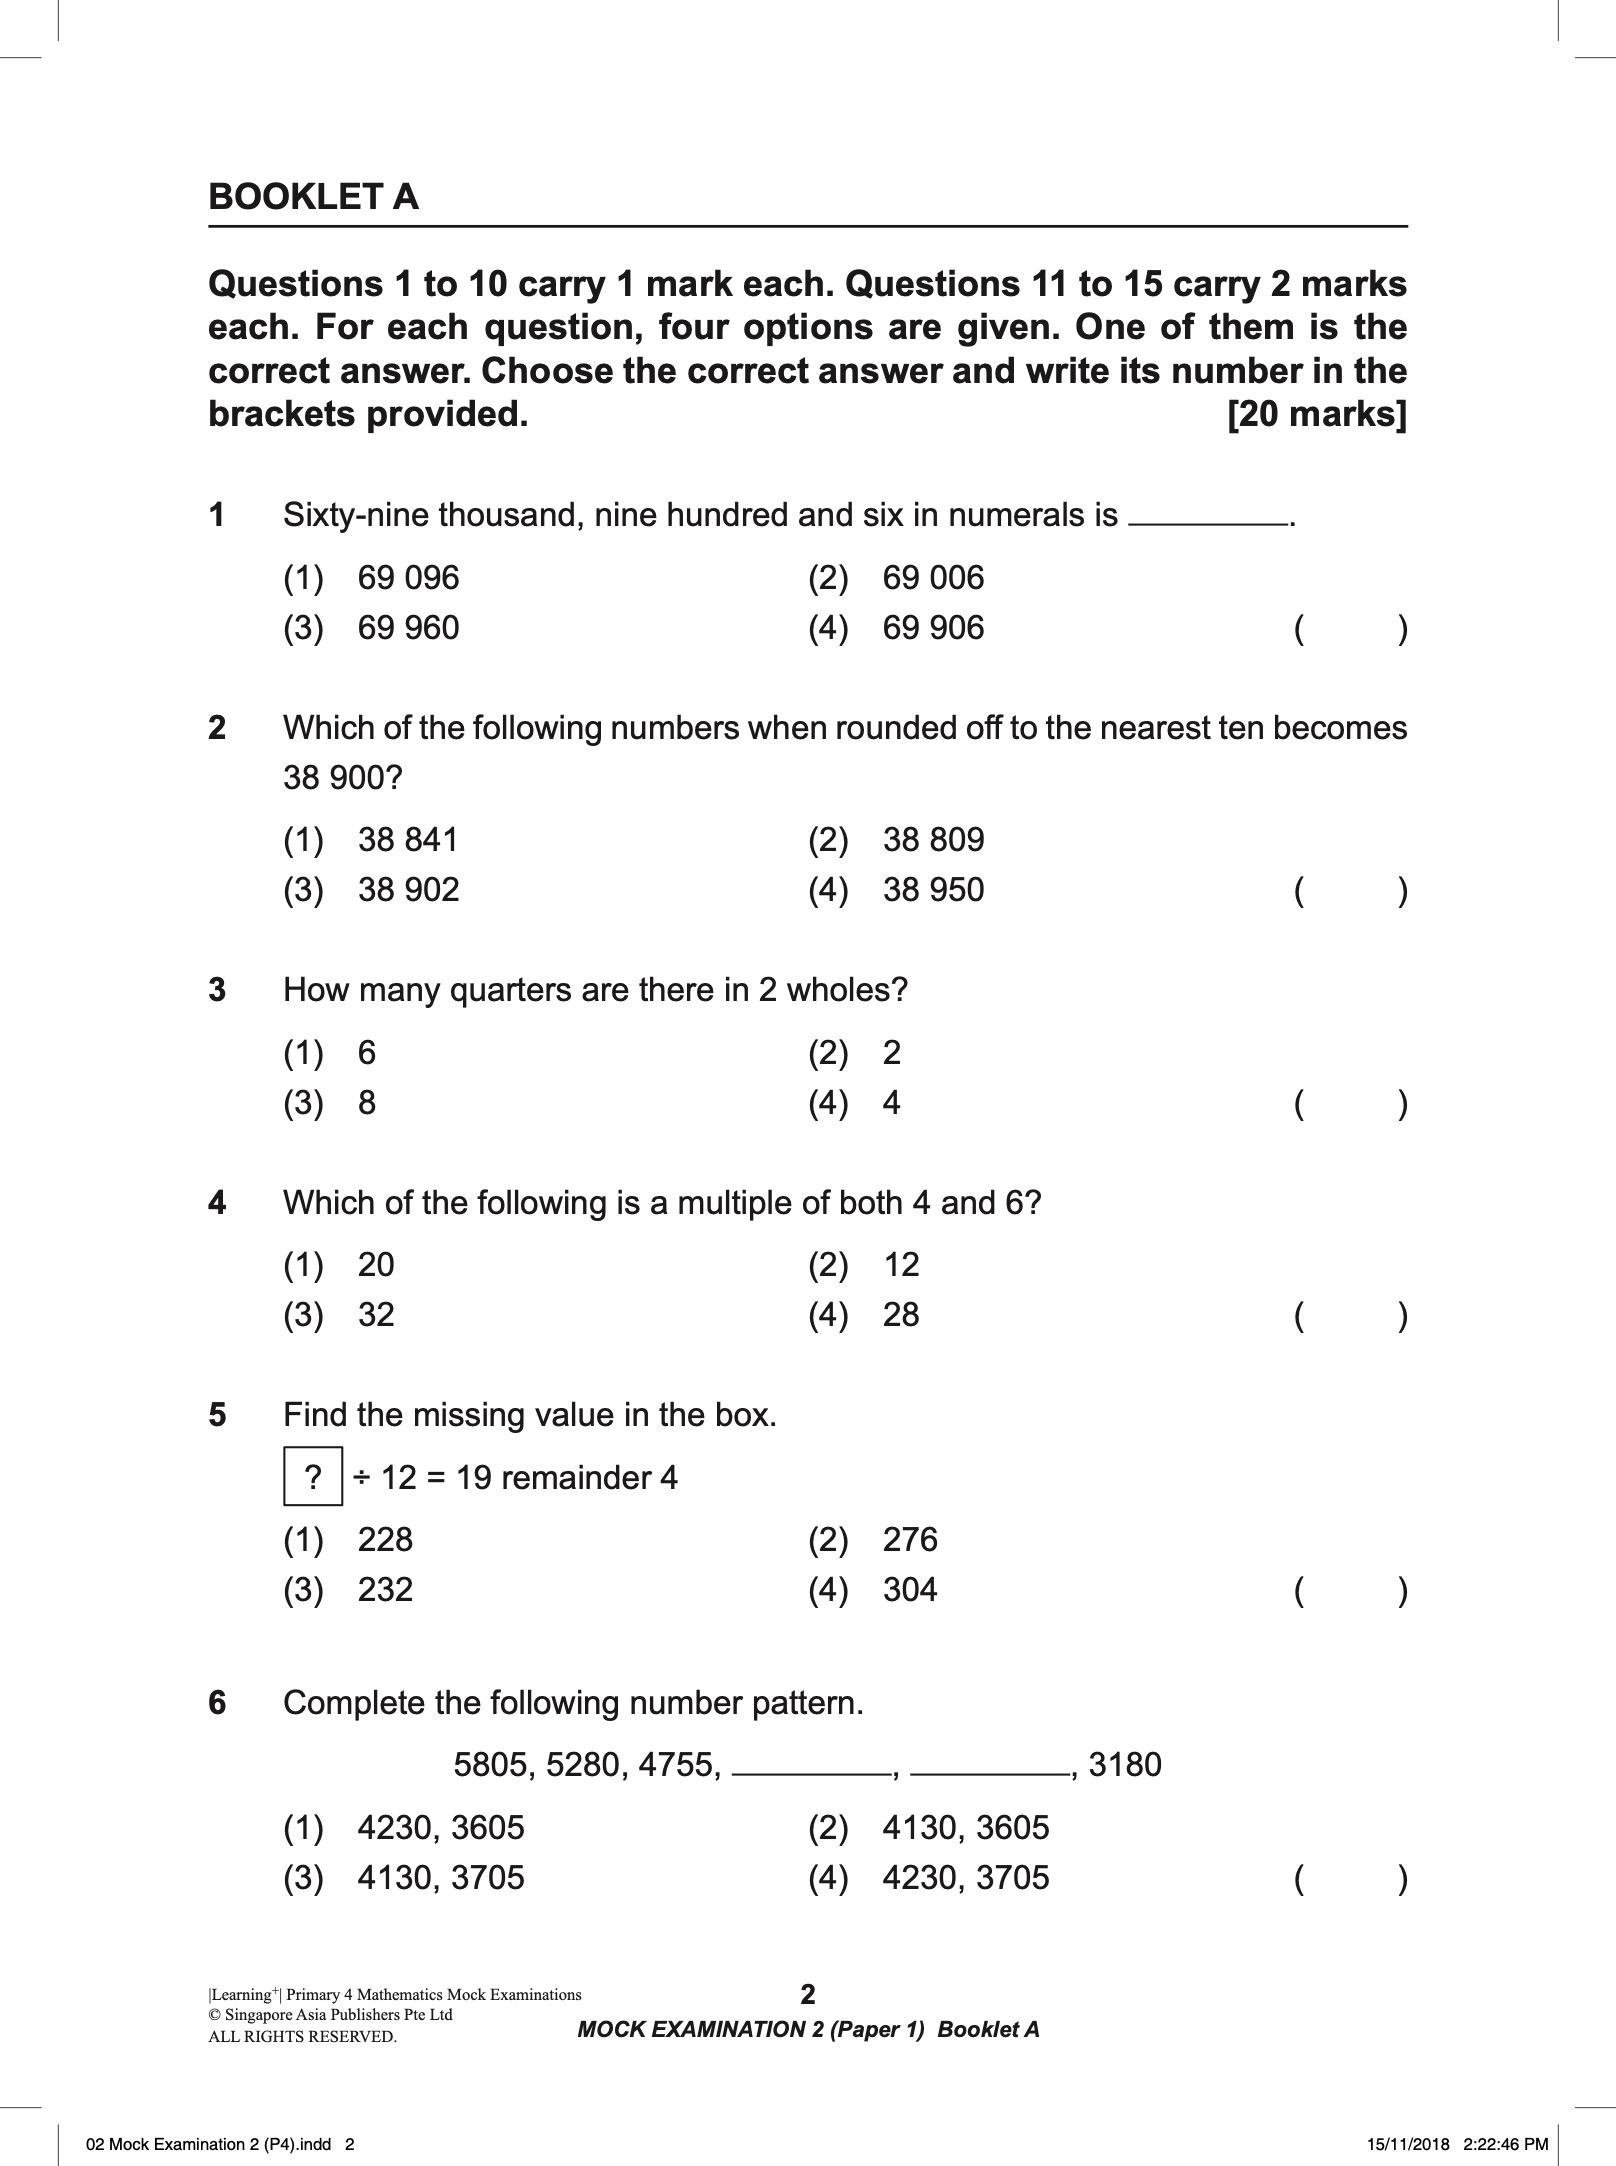 3214712_Preface-1 6